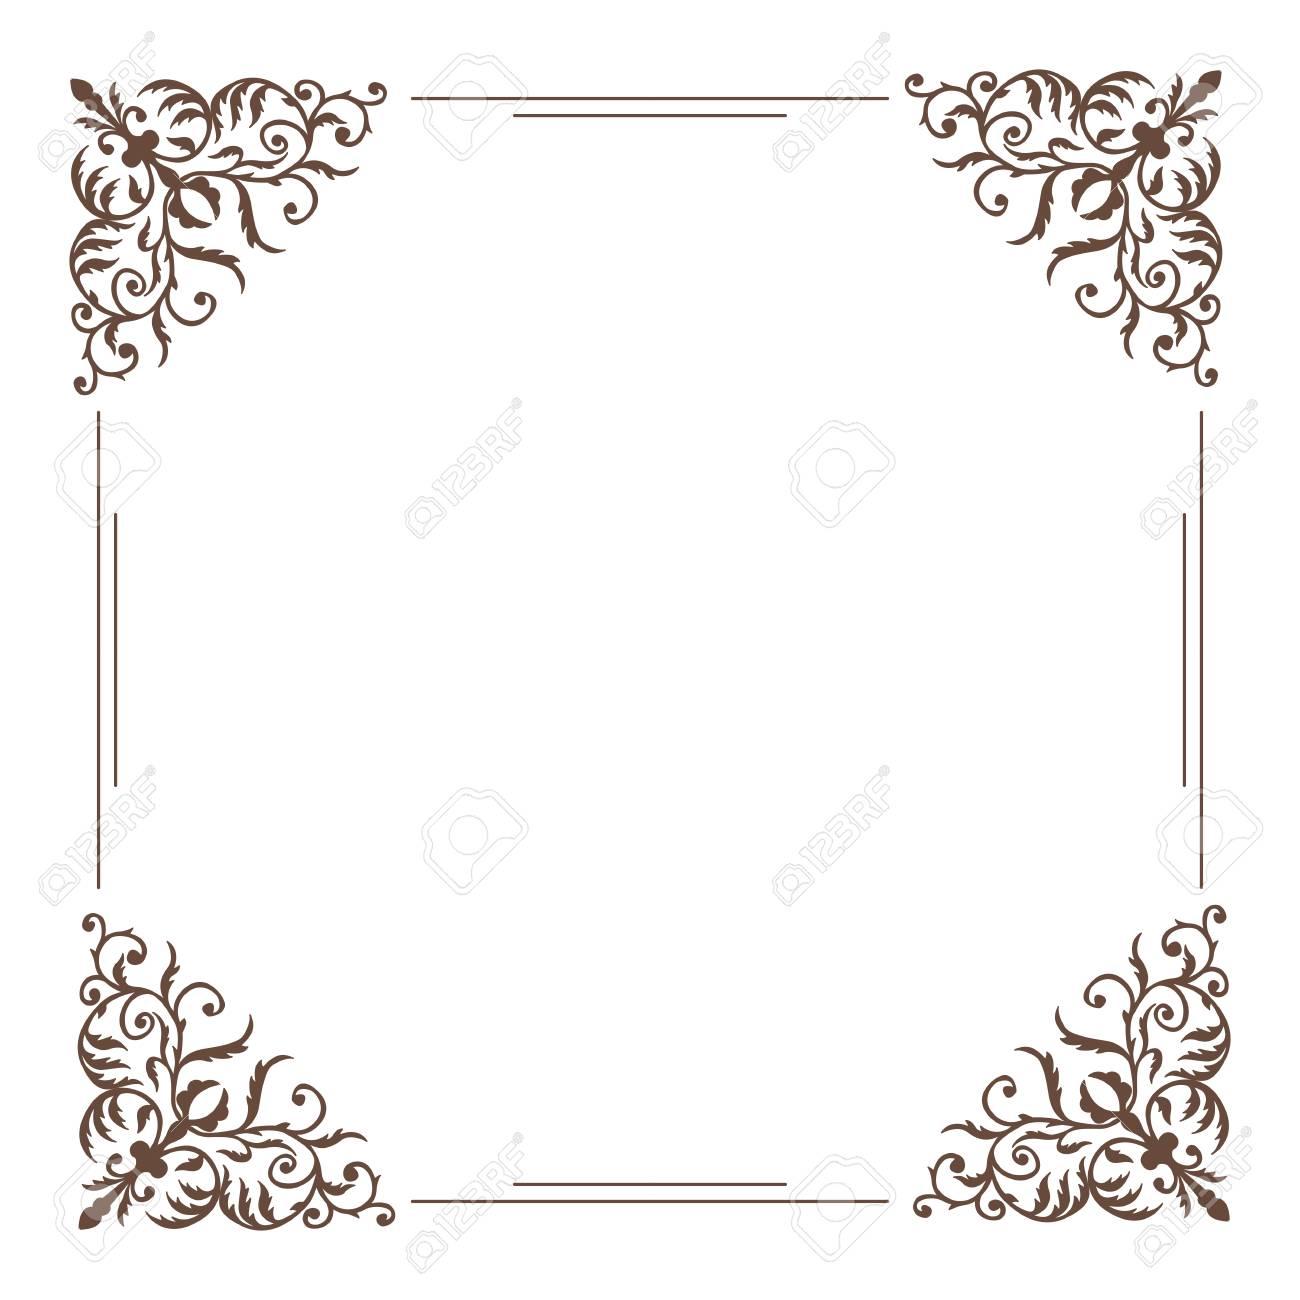 d4af53c03567 Decorative square frame vintage style Stock Vector - 62066468